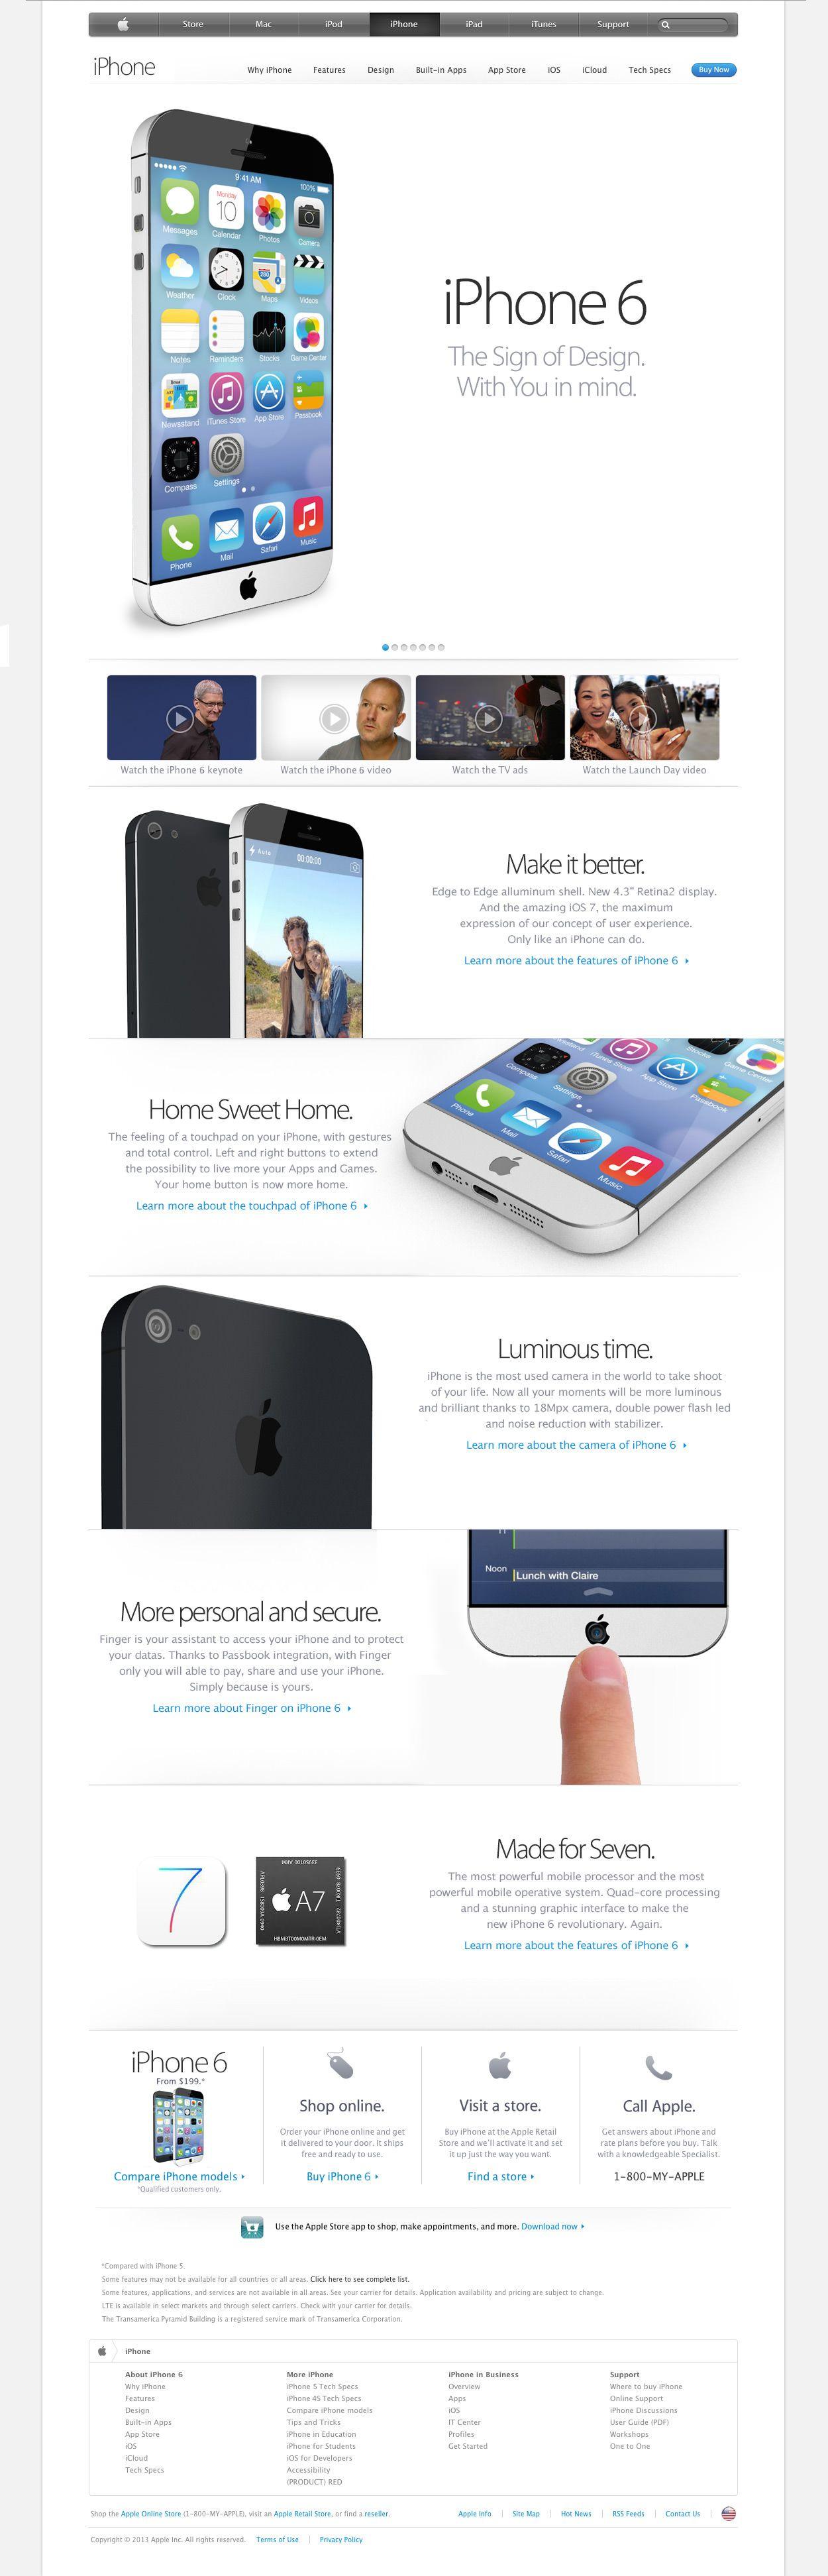 iPhone_6-concept_iOS-7